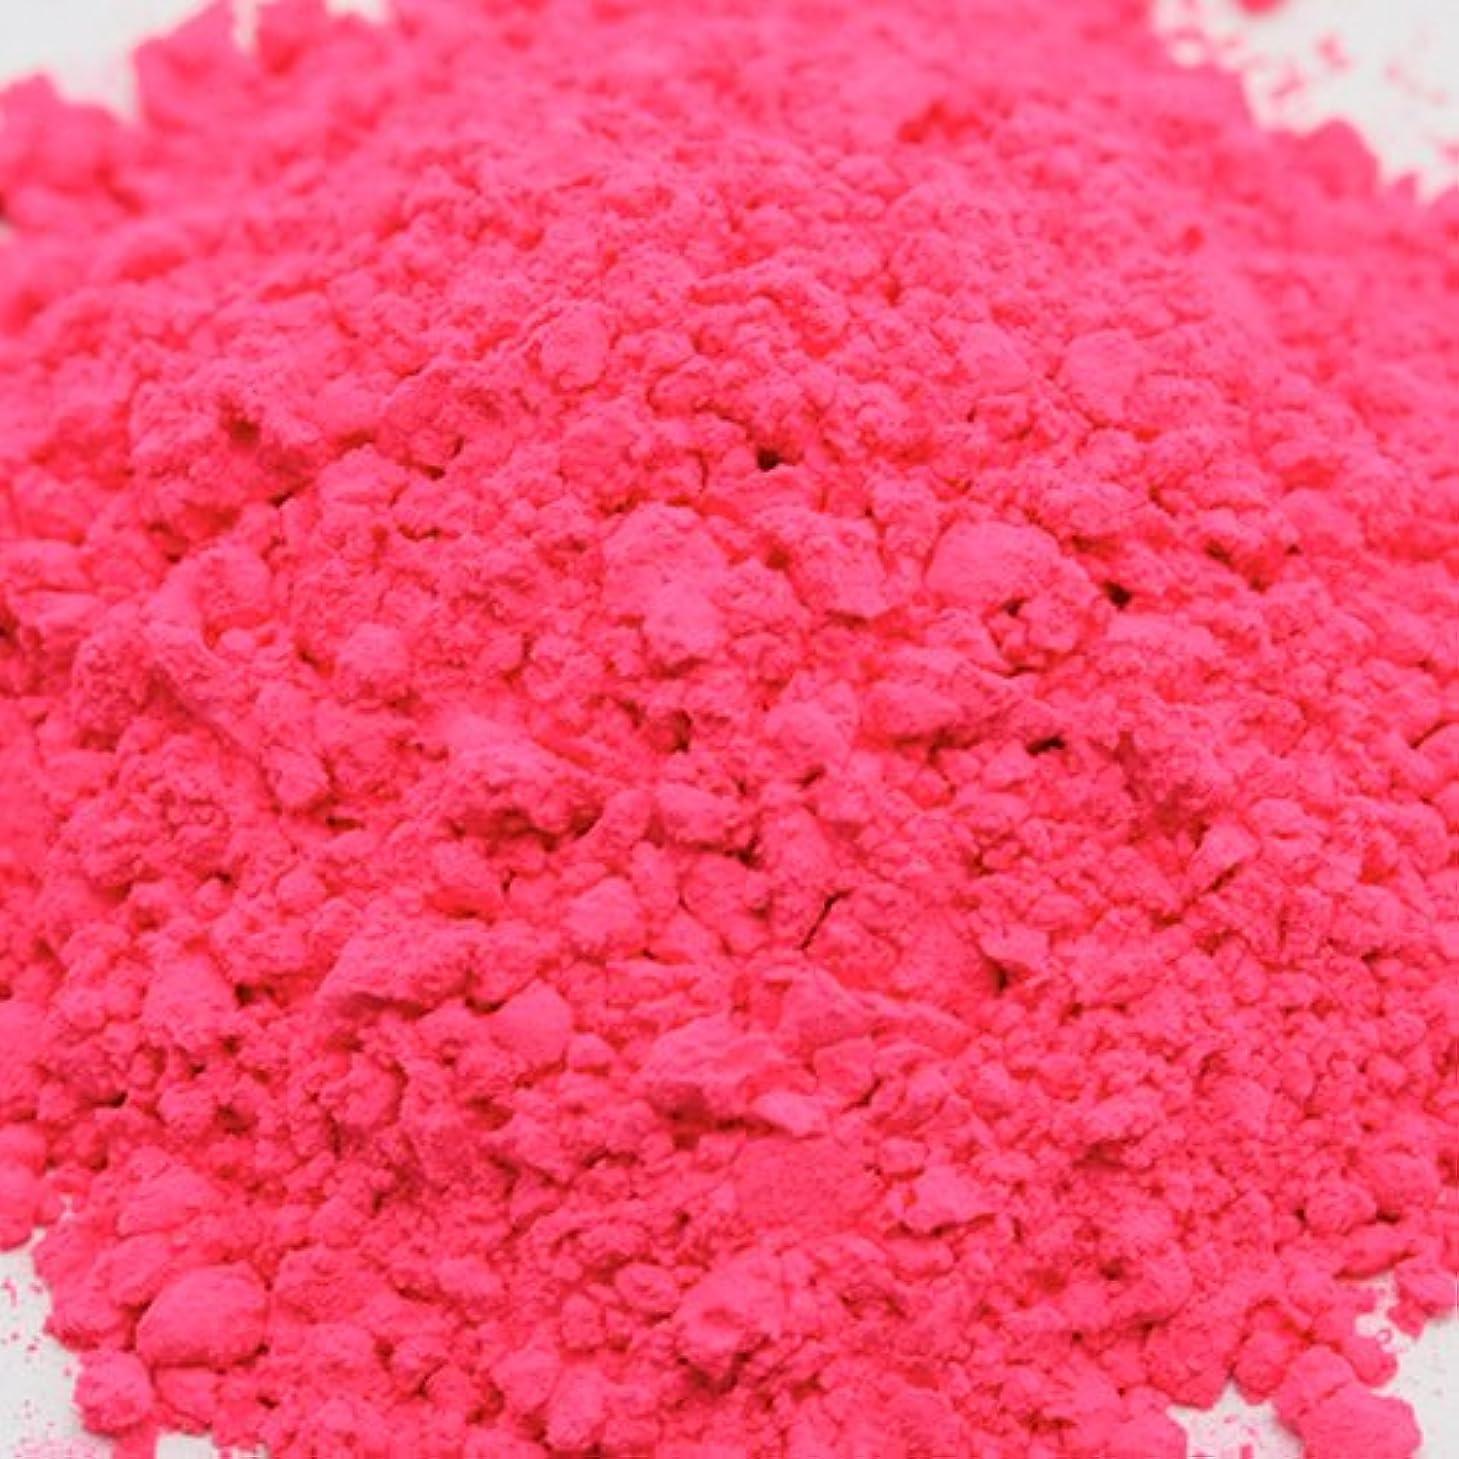 マナー部屋を掃除するかすかなキャンディカラー ライトピンク 5g 【手作り石鹸/手作りコスメ/色付け/カラーラント】